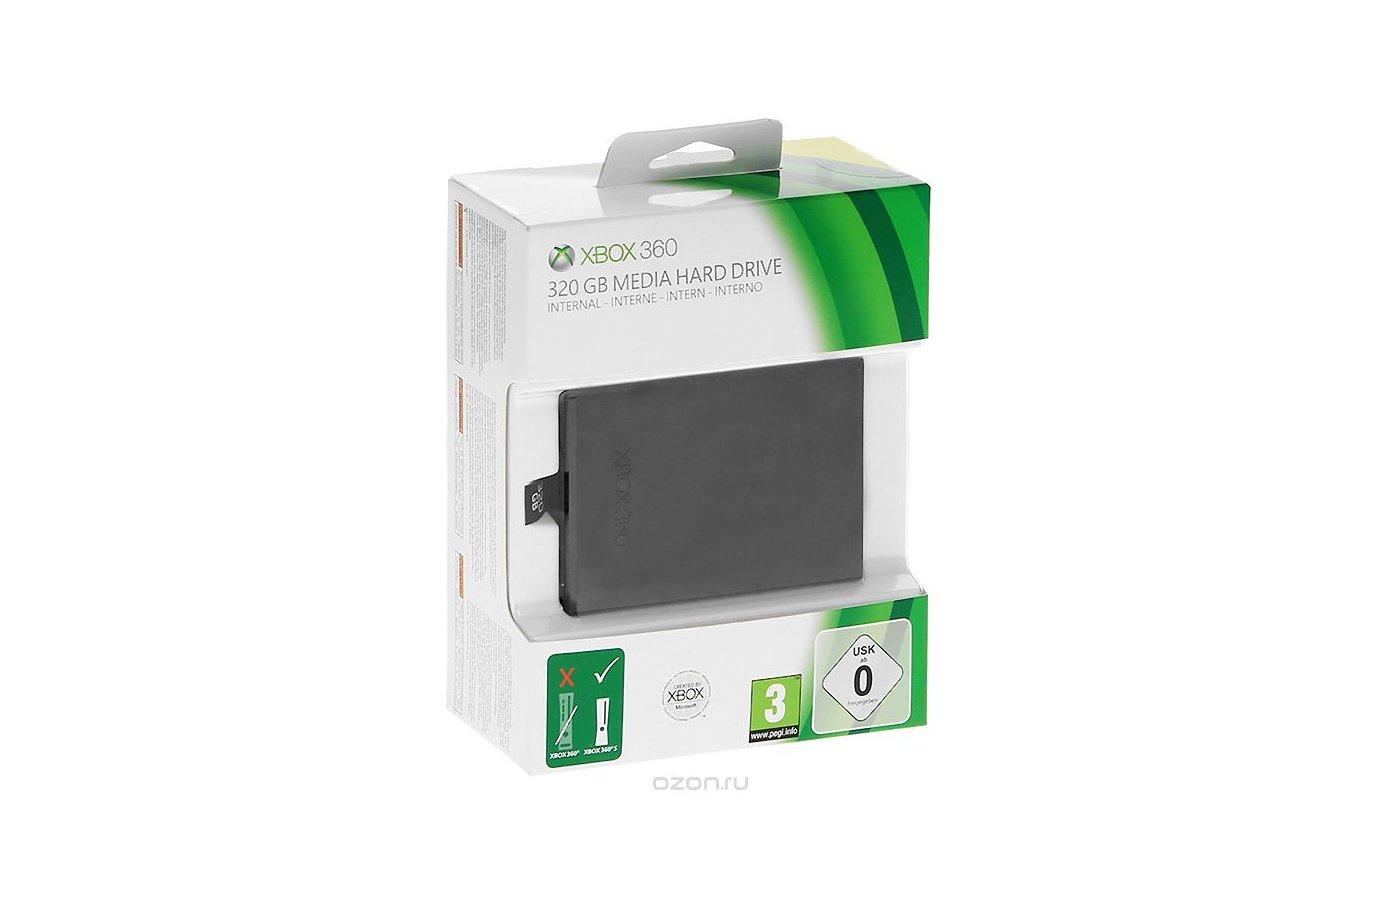 Внешний жесткий диск Microsoft для Xbox 360 (320 Гб)